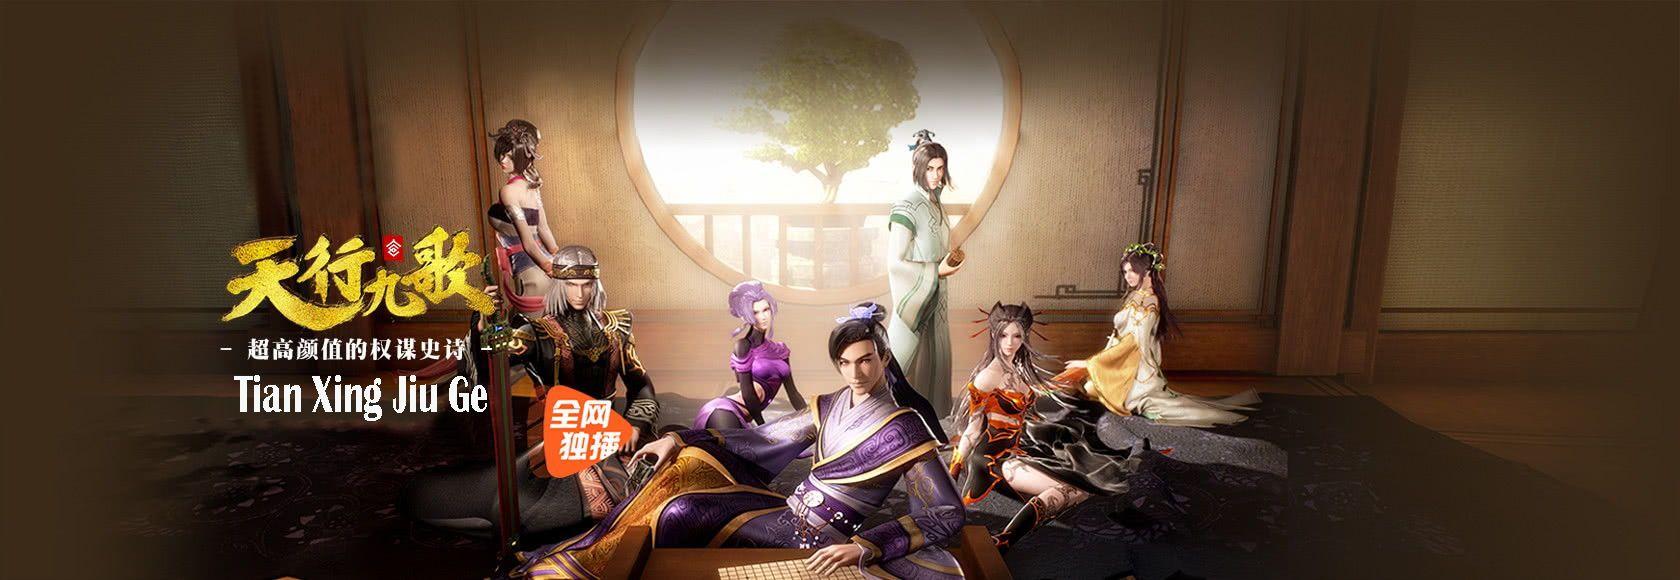 Tian Xing Jiu Ge Episode 77 Episode, Songs, Greatful